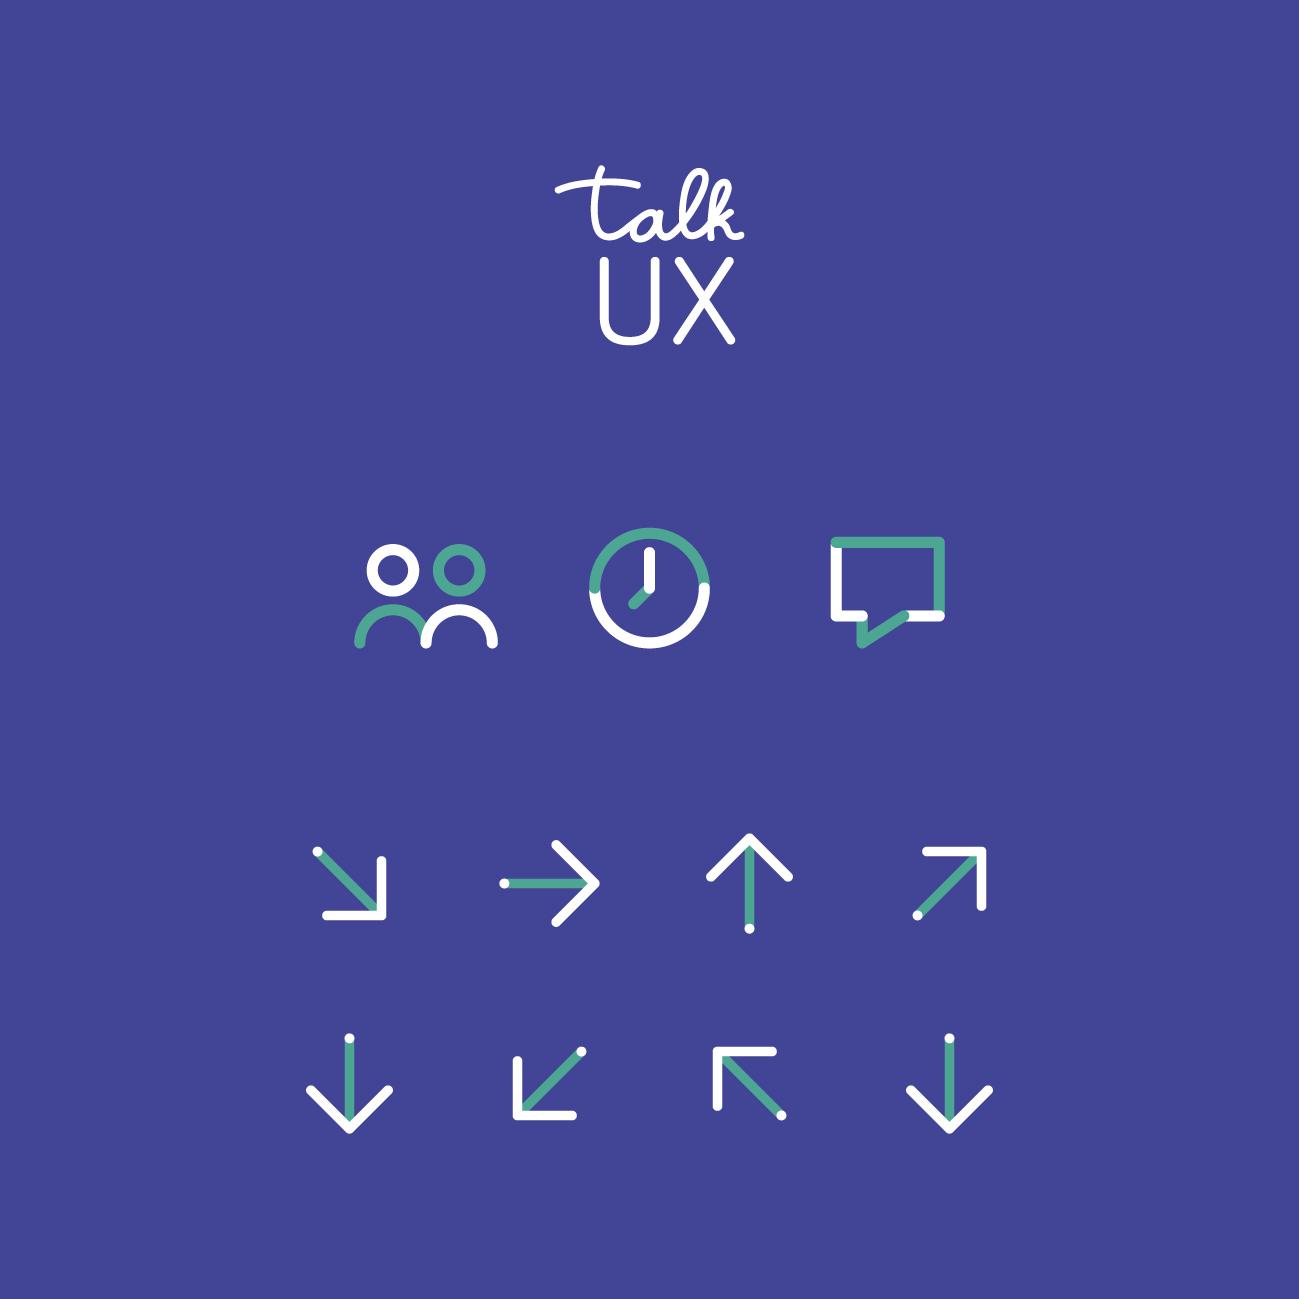 TalkUX_07